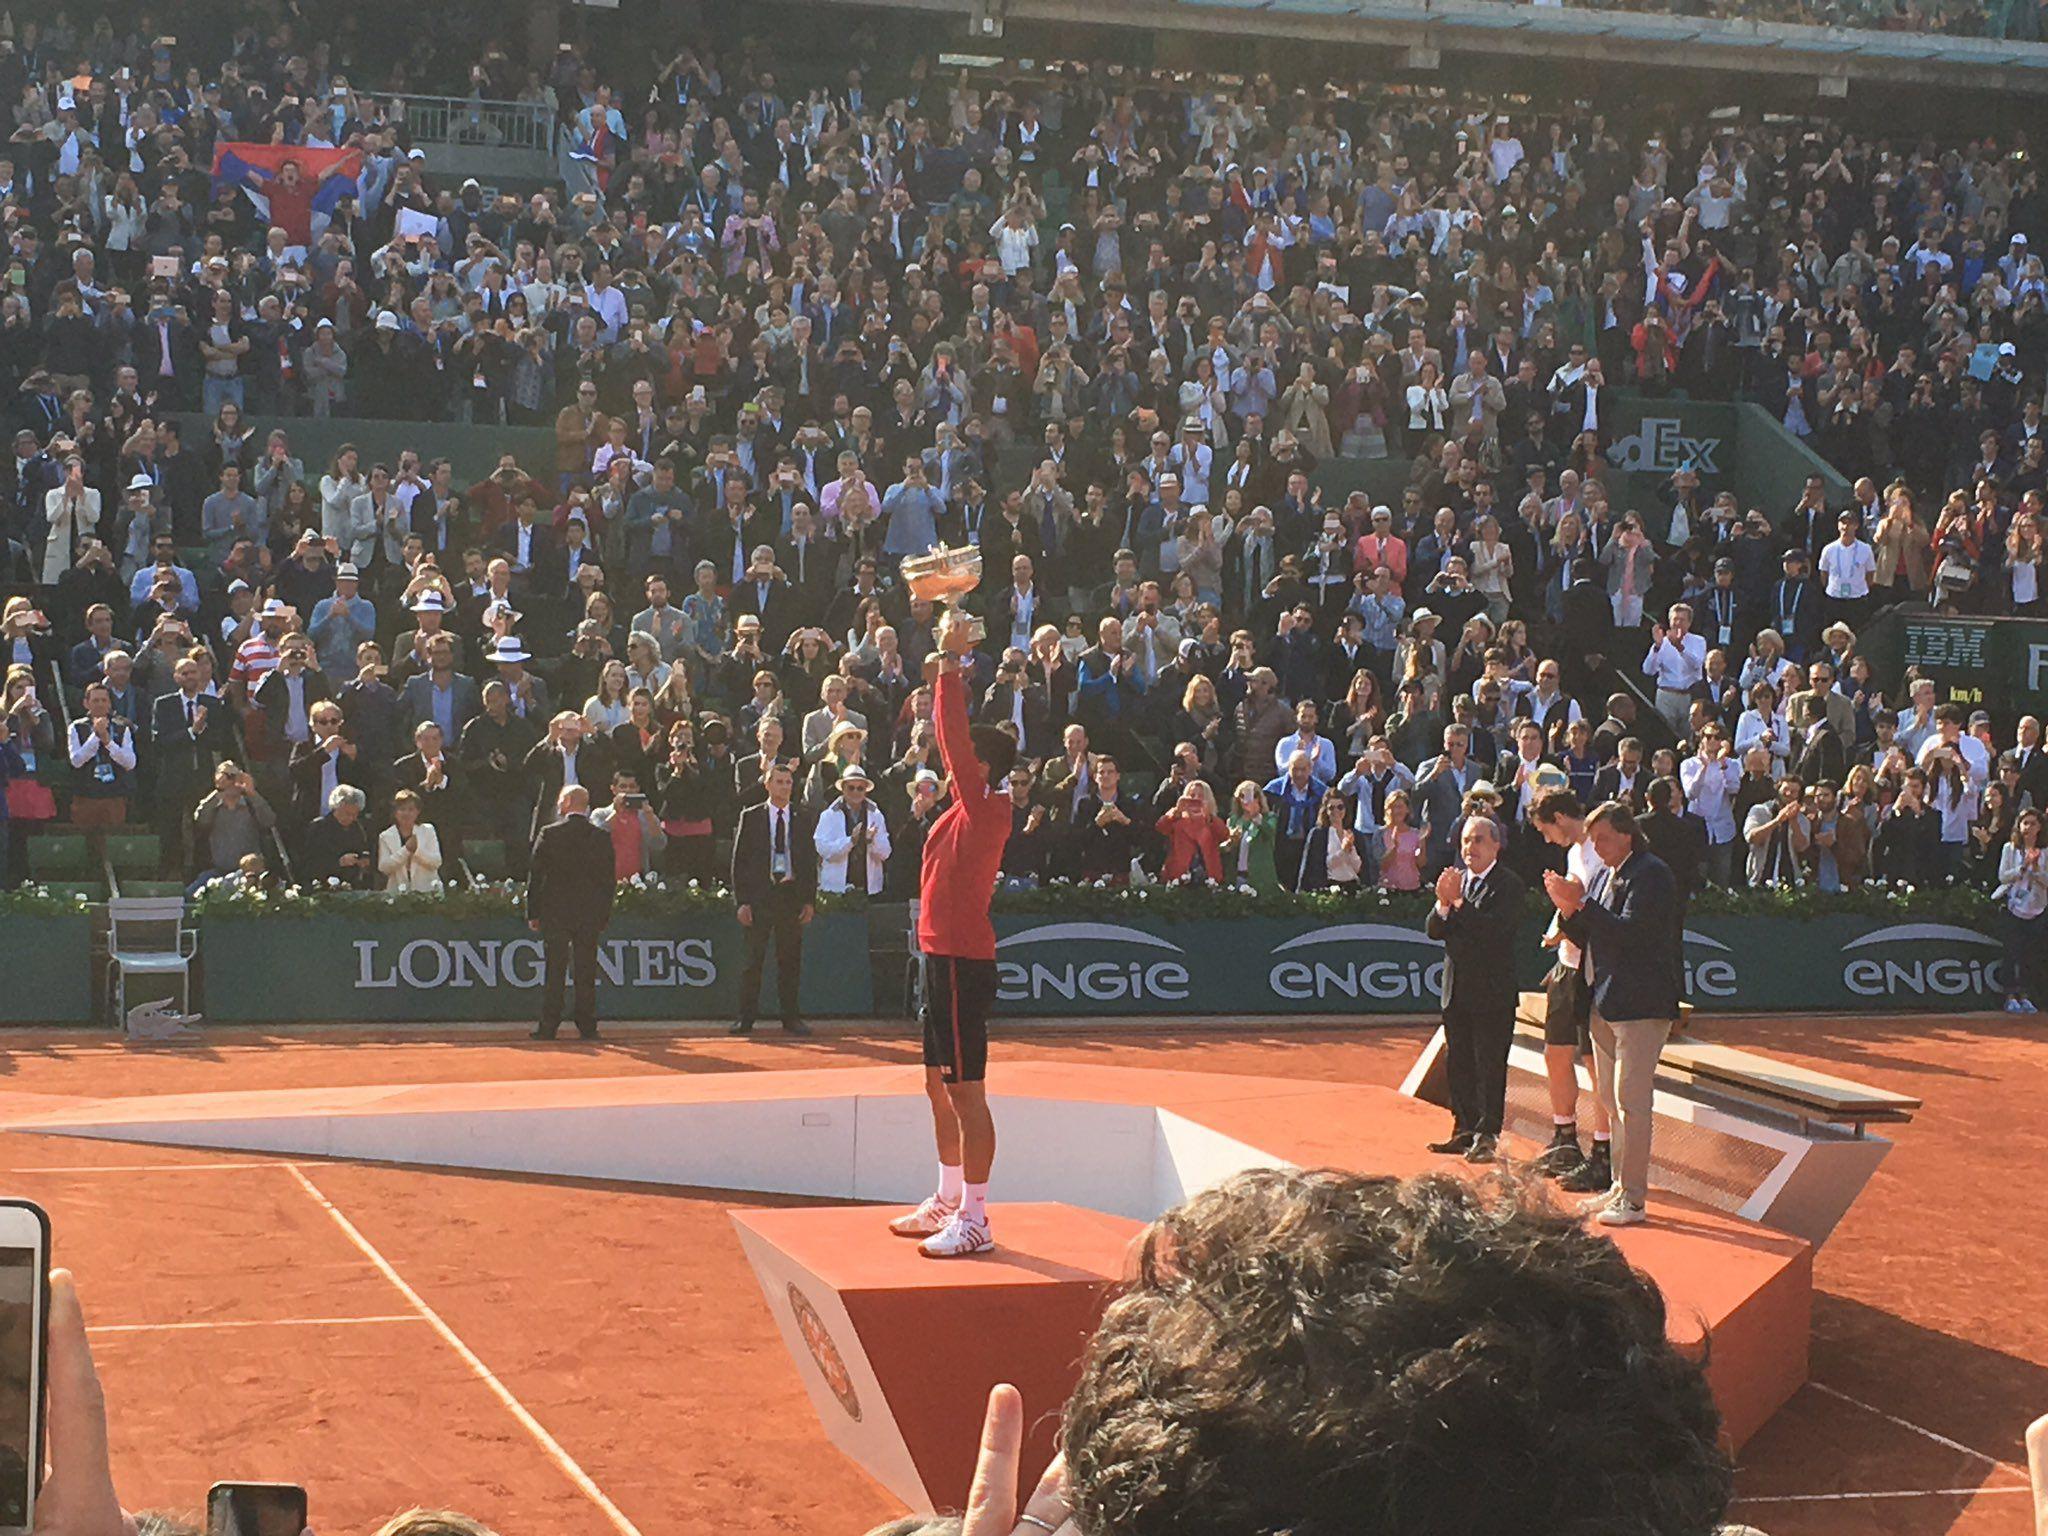 Djokovic première - Photos Djokovic première - Photos Roland Garros 2016 - Novak Remporte pour la première fois Roland Garros - 2016 - Serbie - Djokovic / Murray